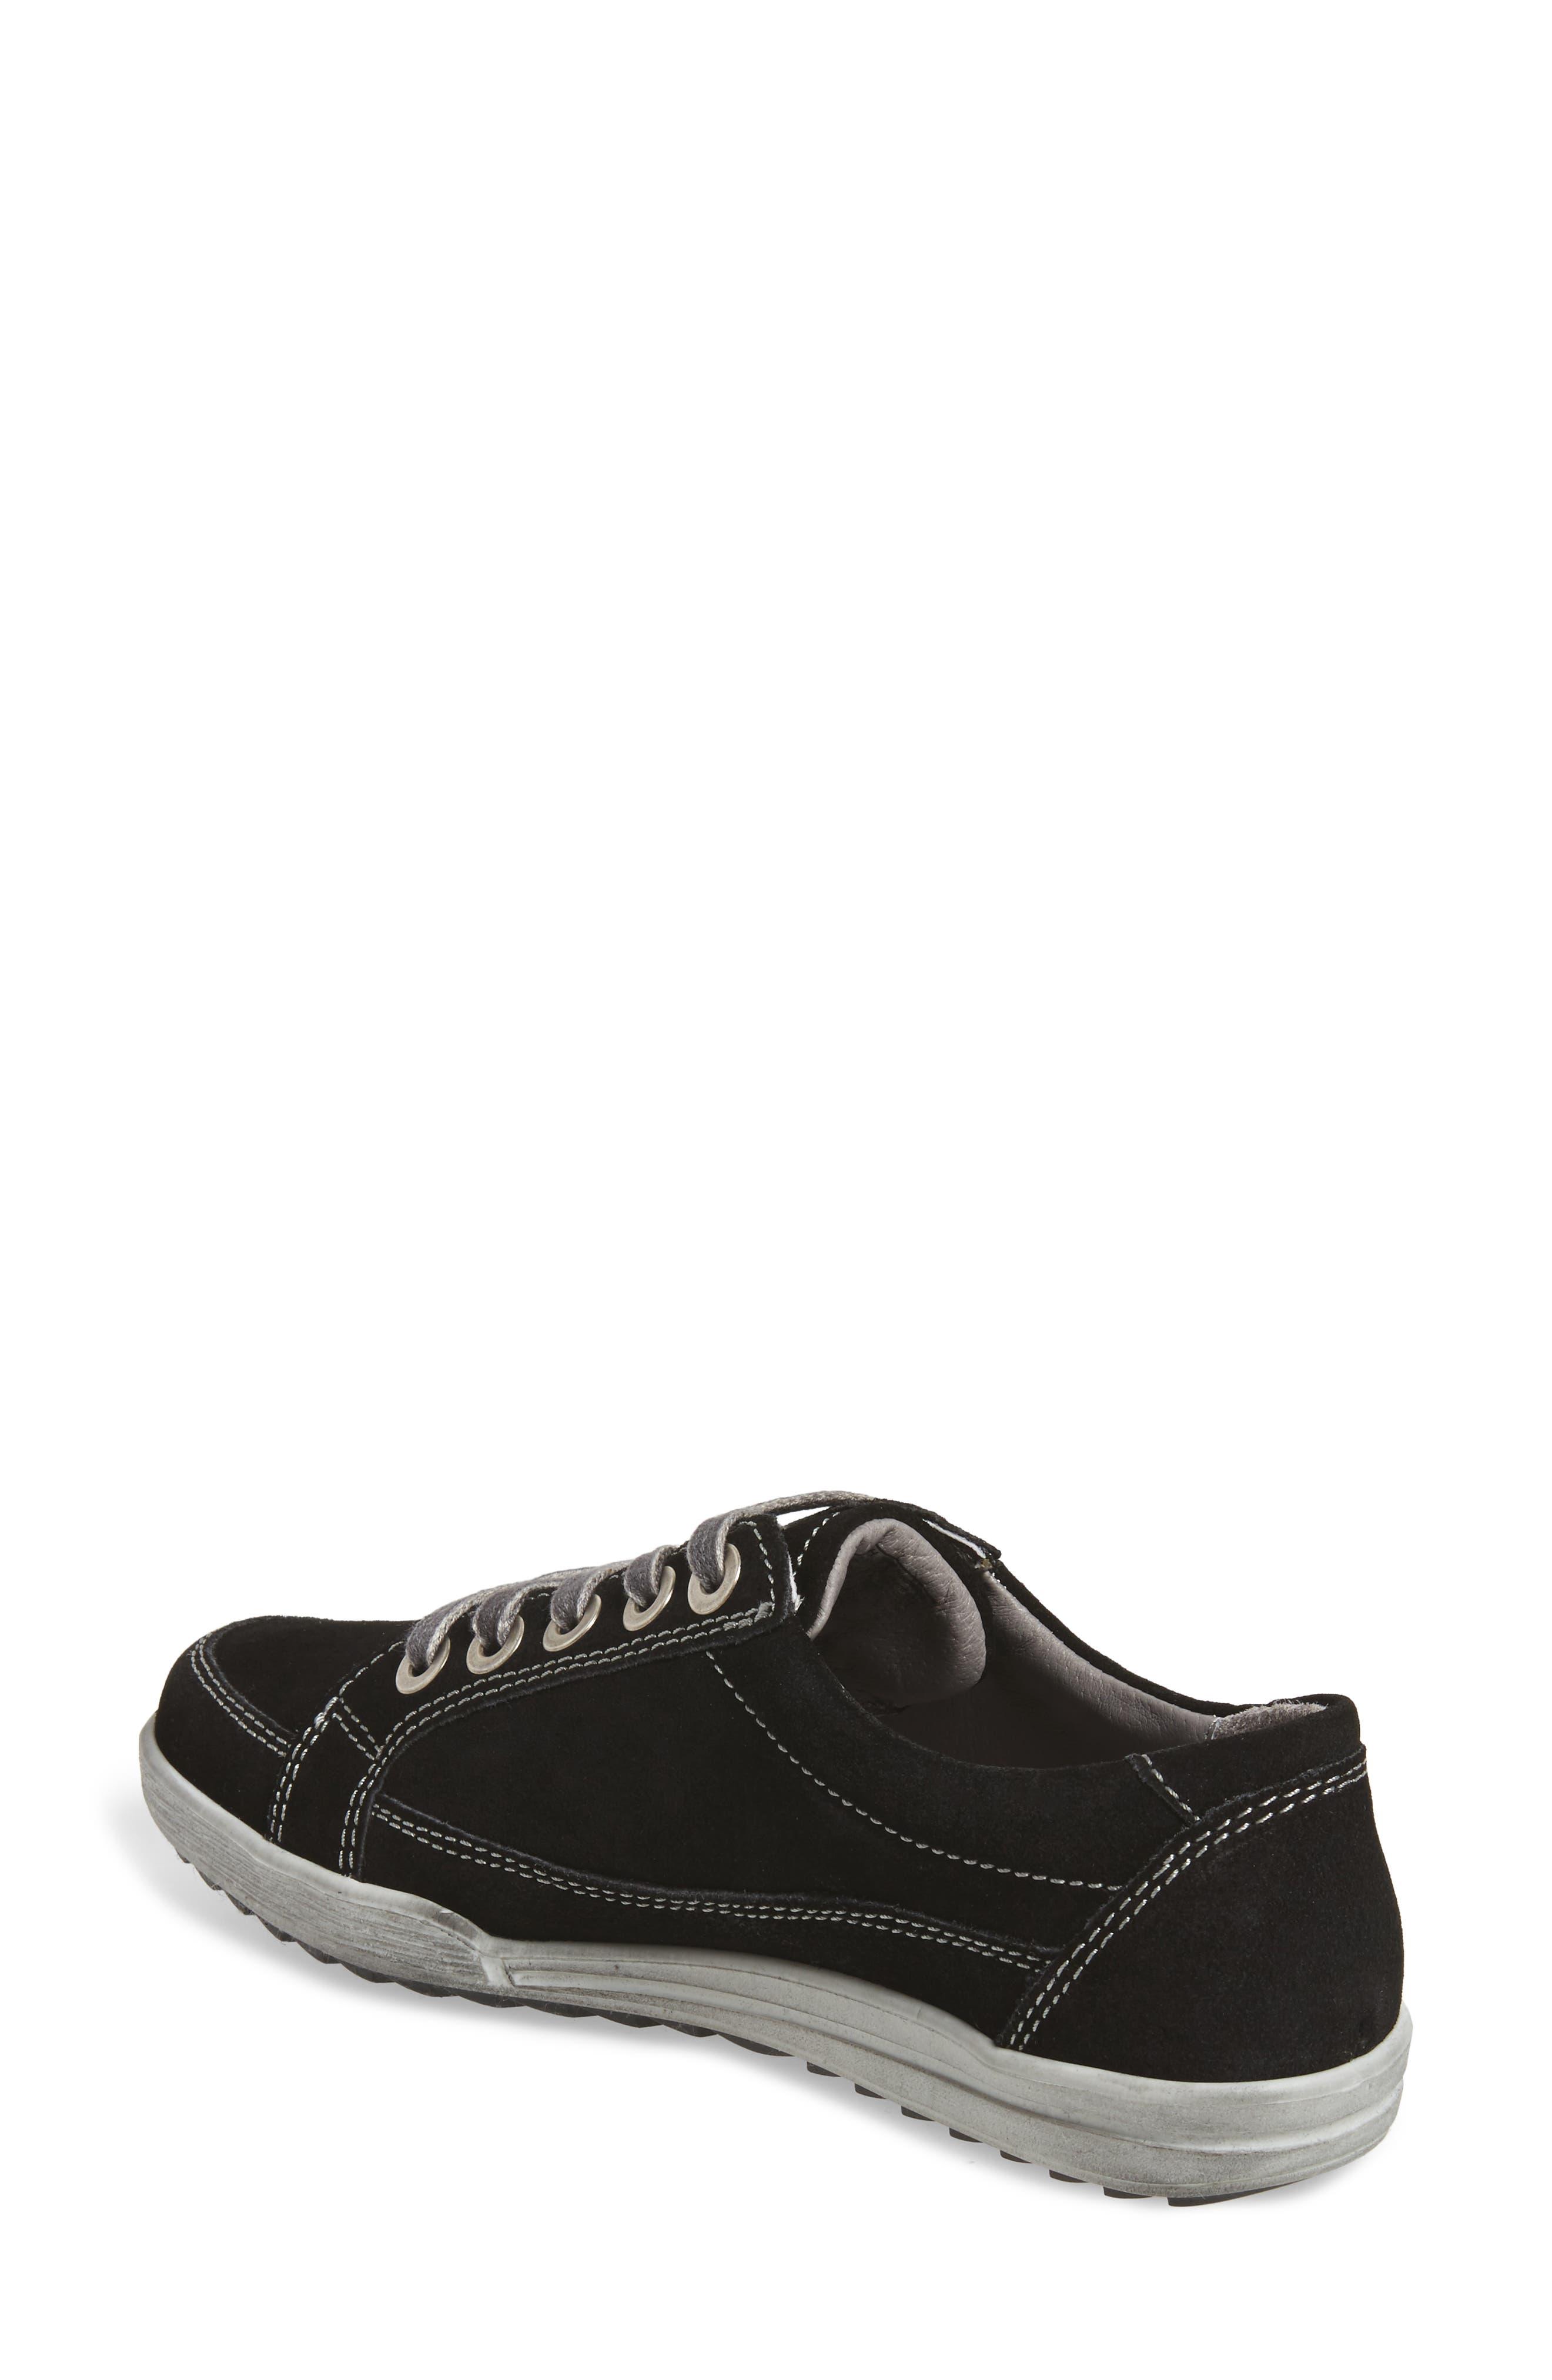 Alternate Image 2  - Josef Seibel Dany 57 Sneaker (Women)